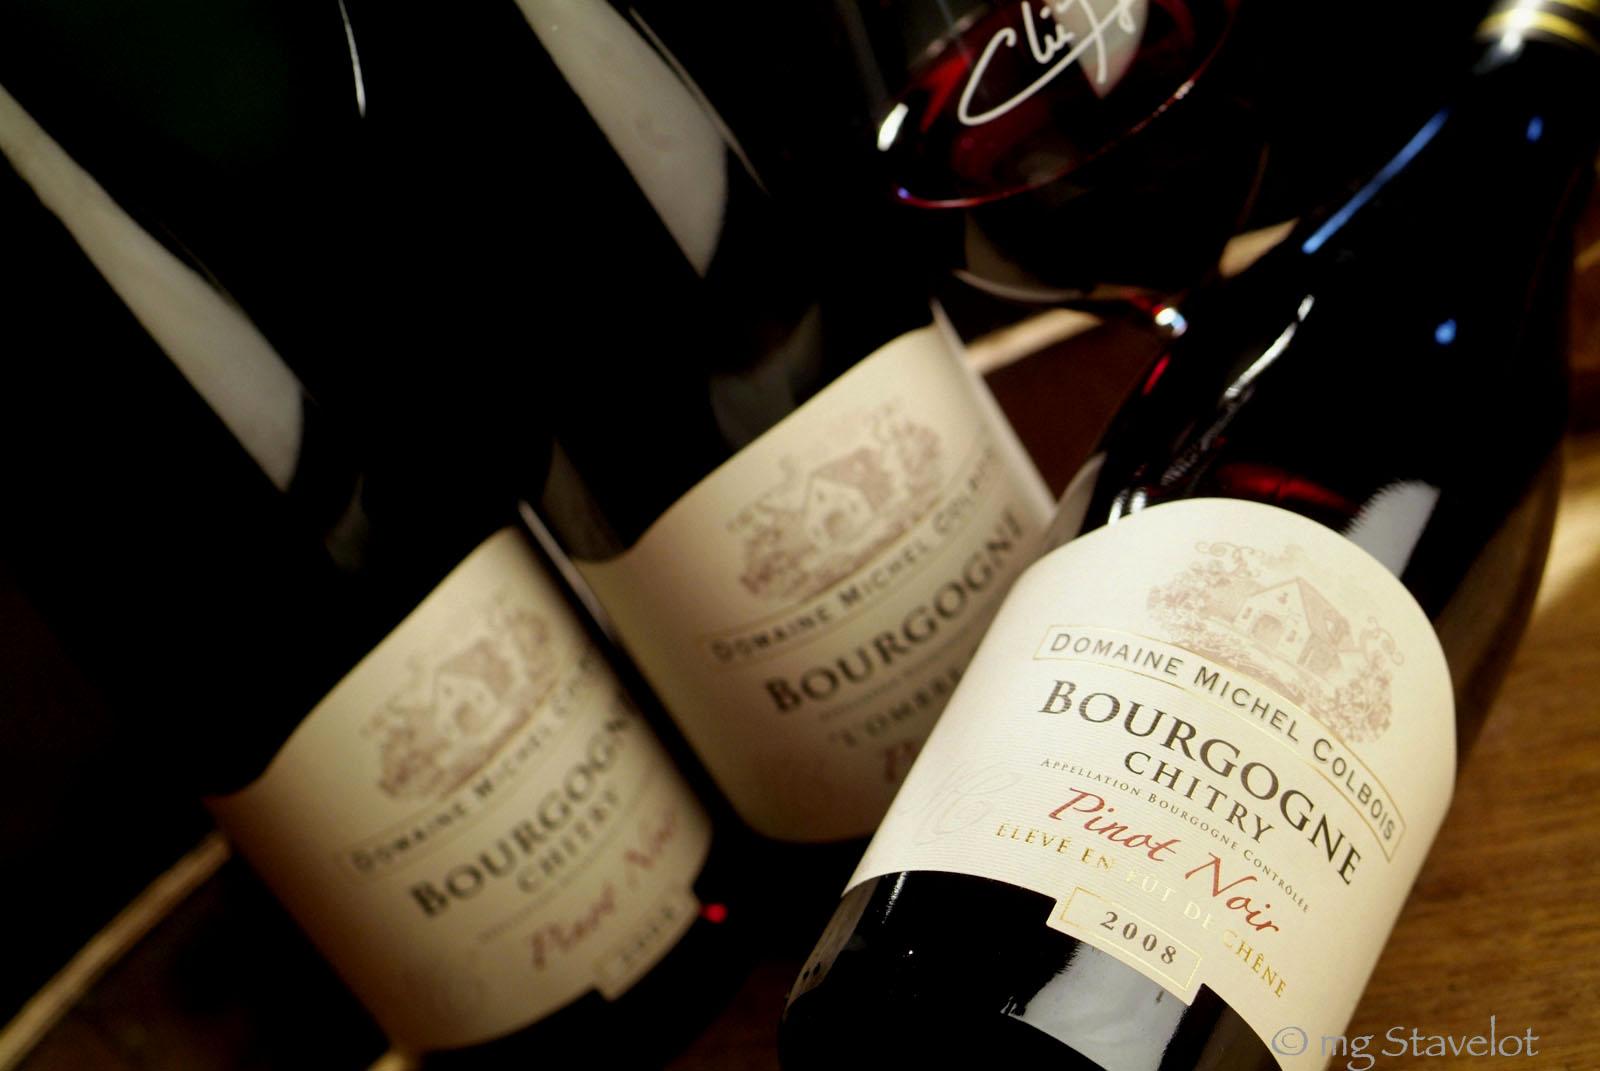 Vin Bourgogne, celui qui me plaît le plus